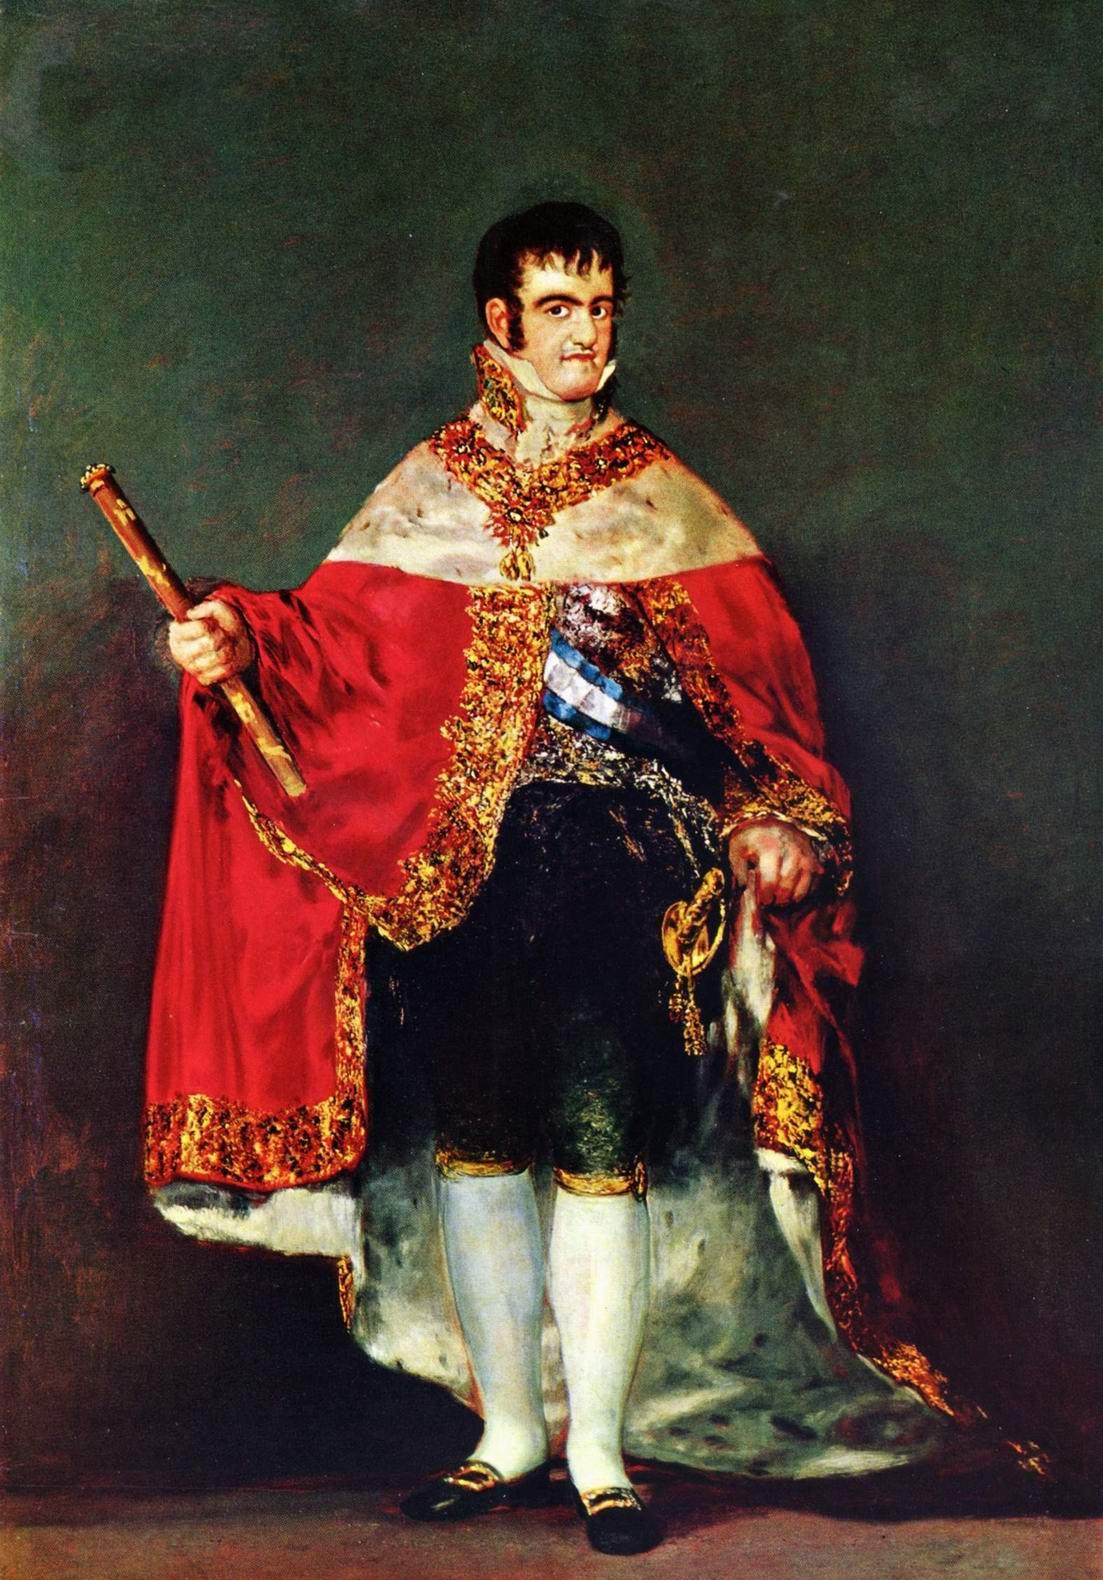 Портрет Фердинанда VII с королевскими регалиями, Франсиско де Гойя-и-Лусьентес